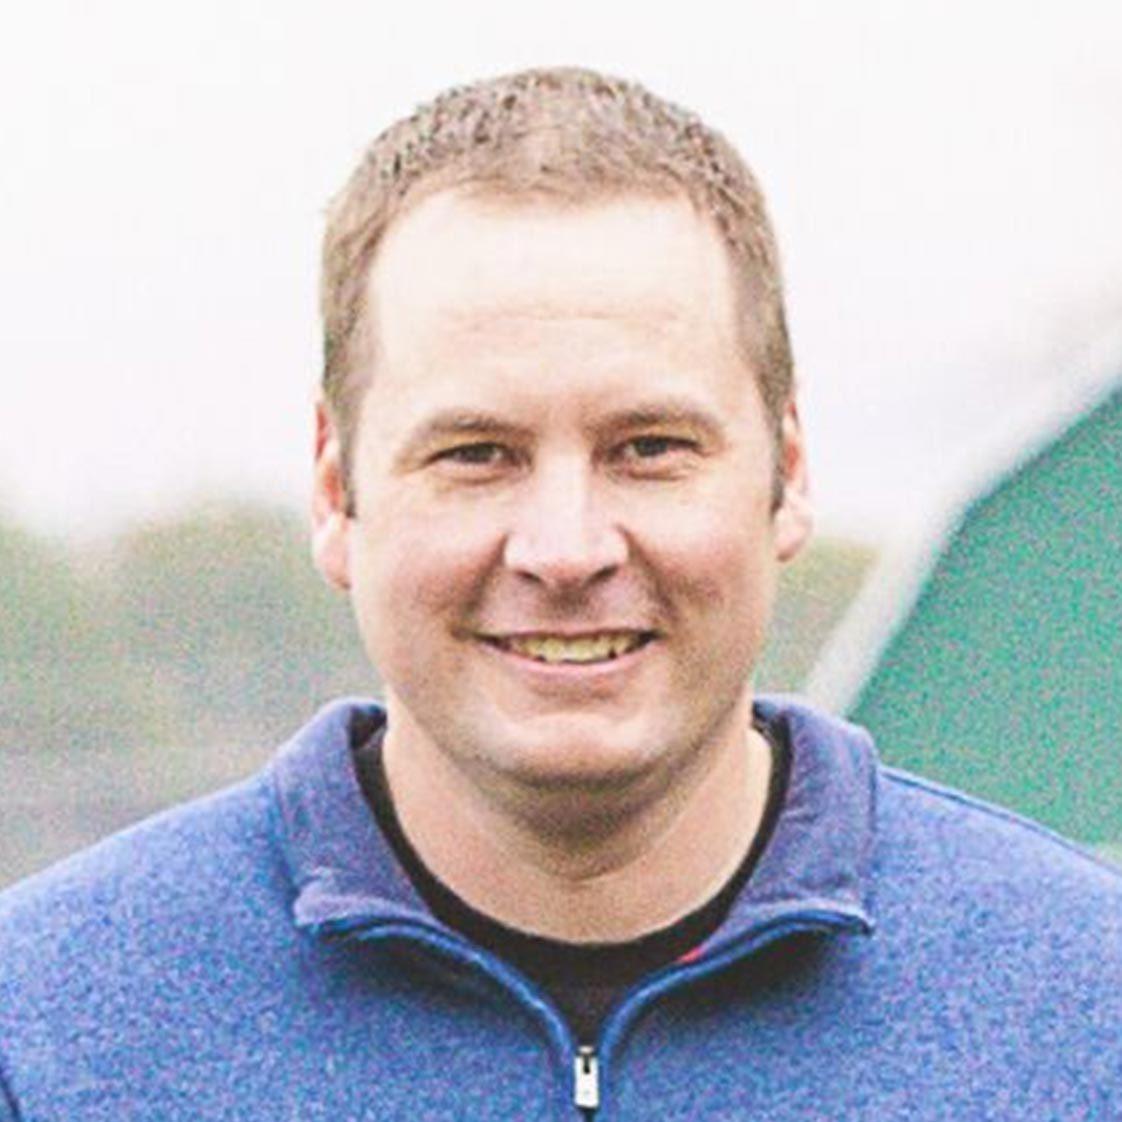 Chad Van Groningen